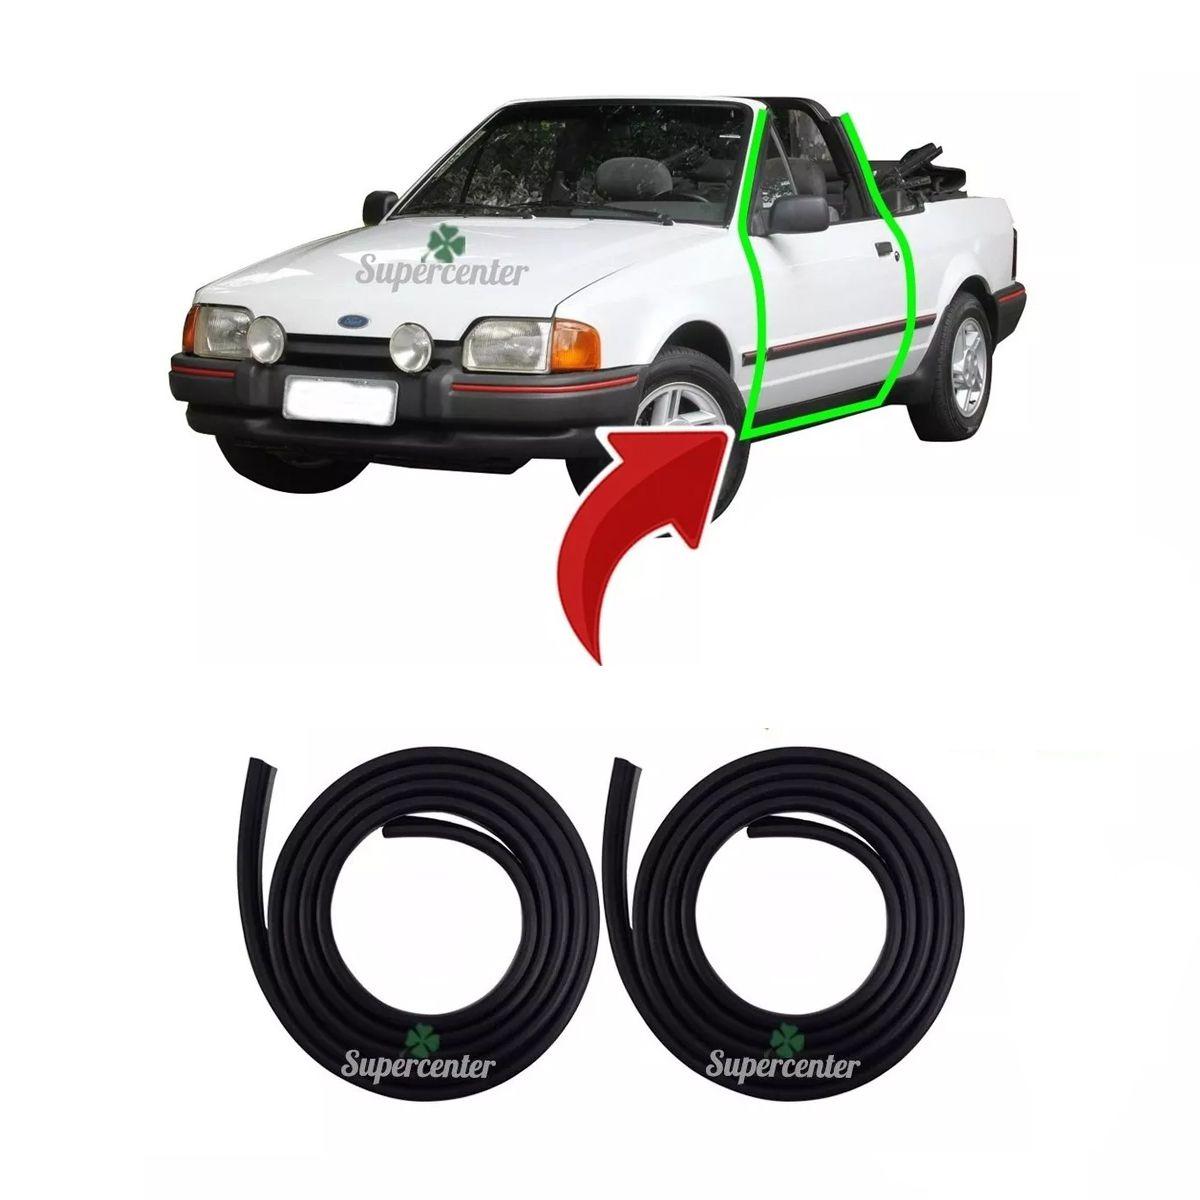 Par Borracha Porta Escort Conversível Xr3 1987 A 1992